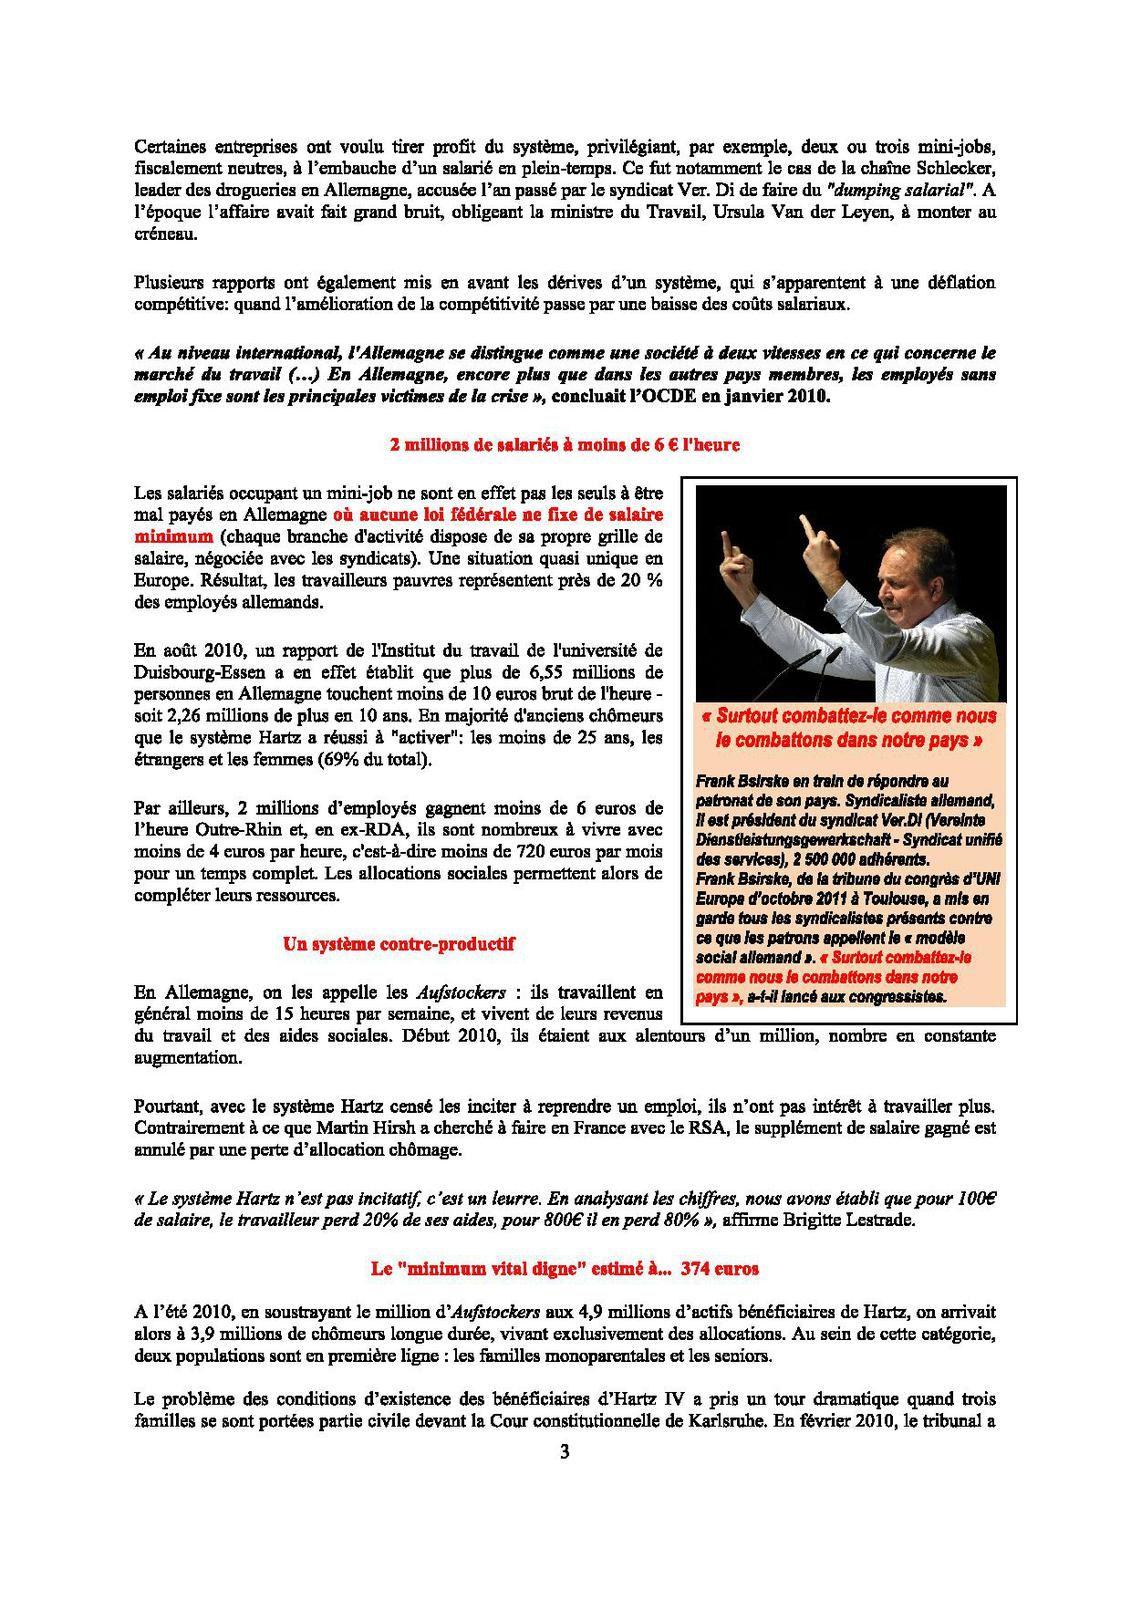 Hollande rêve de Berlin et des « lois Hartz »